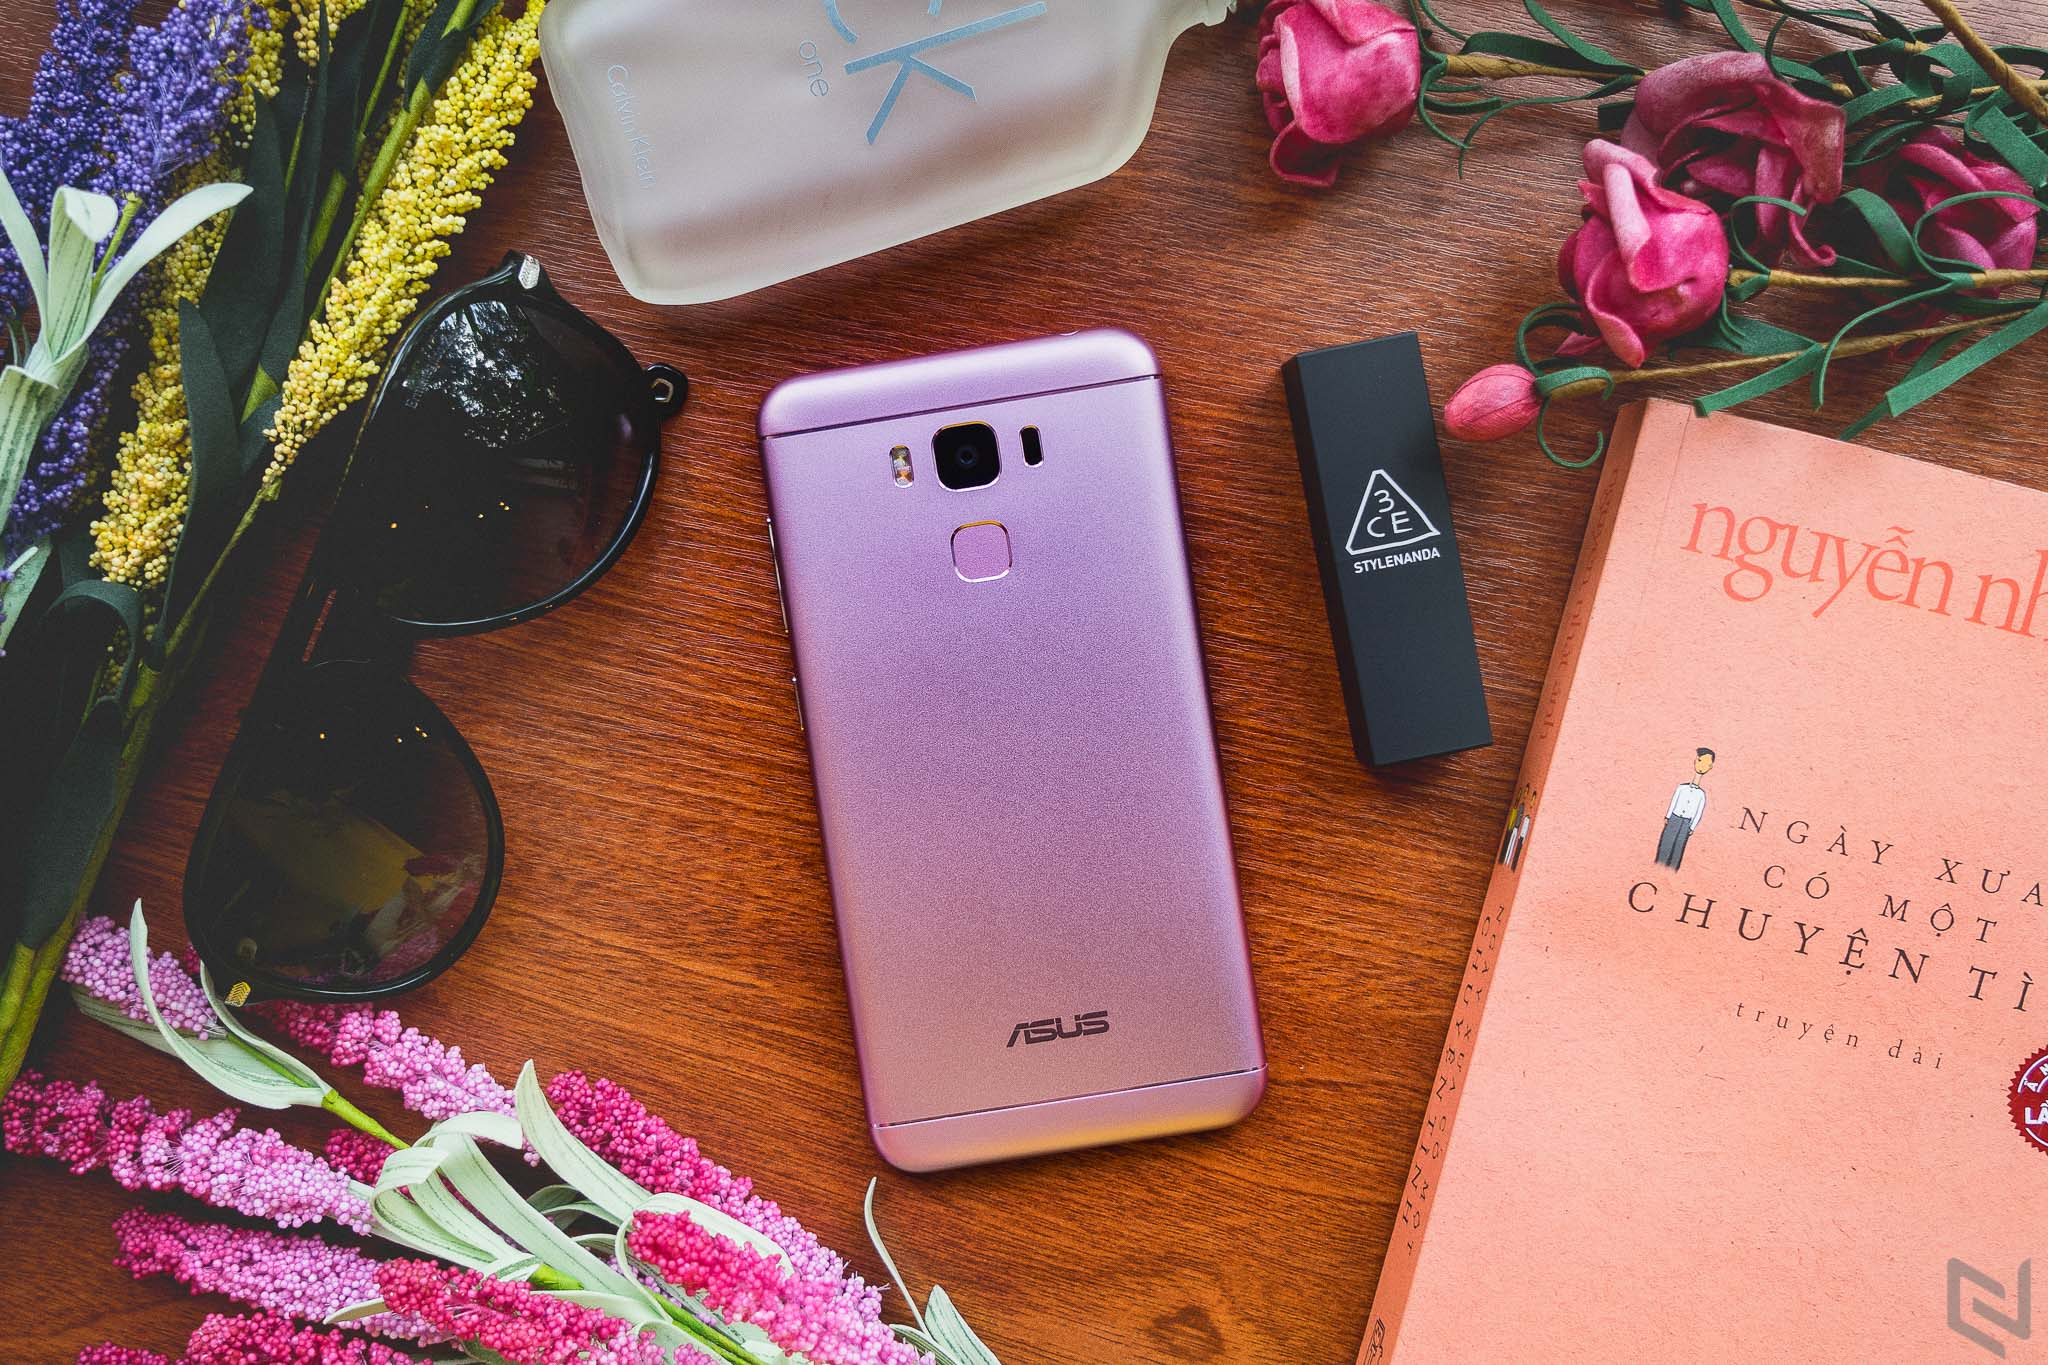 Bộ ảnh ASUS ZenFone 3 Max 5.5 inch màu hồng và vàng